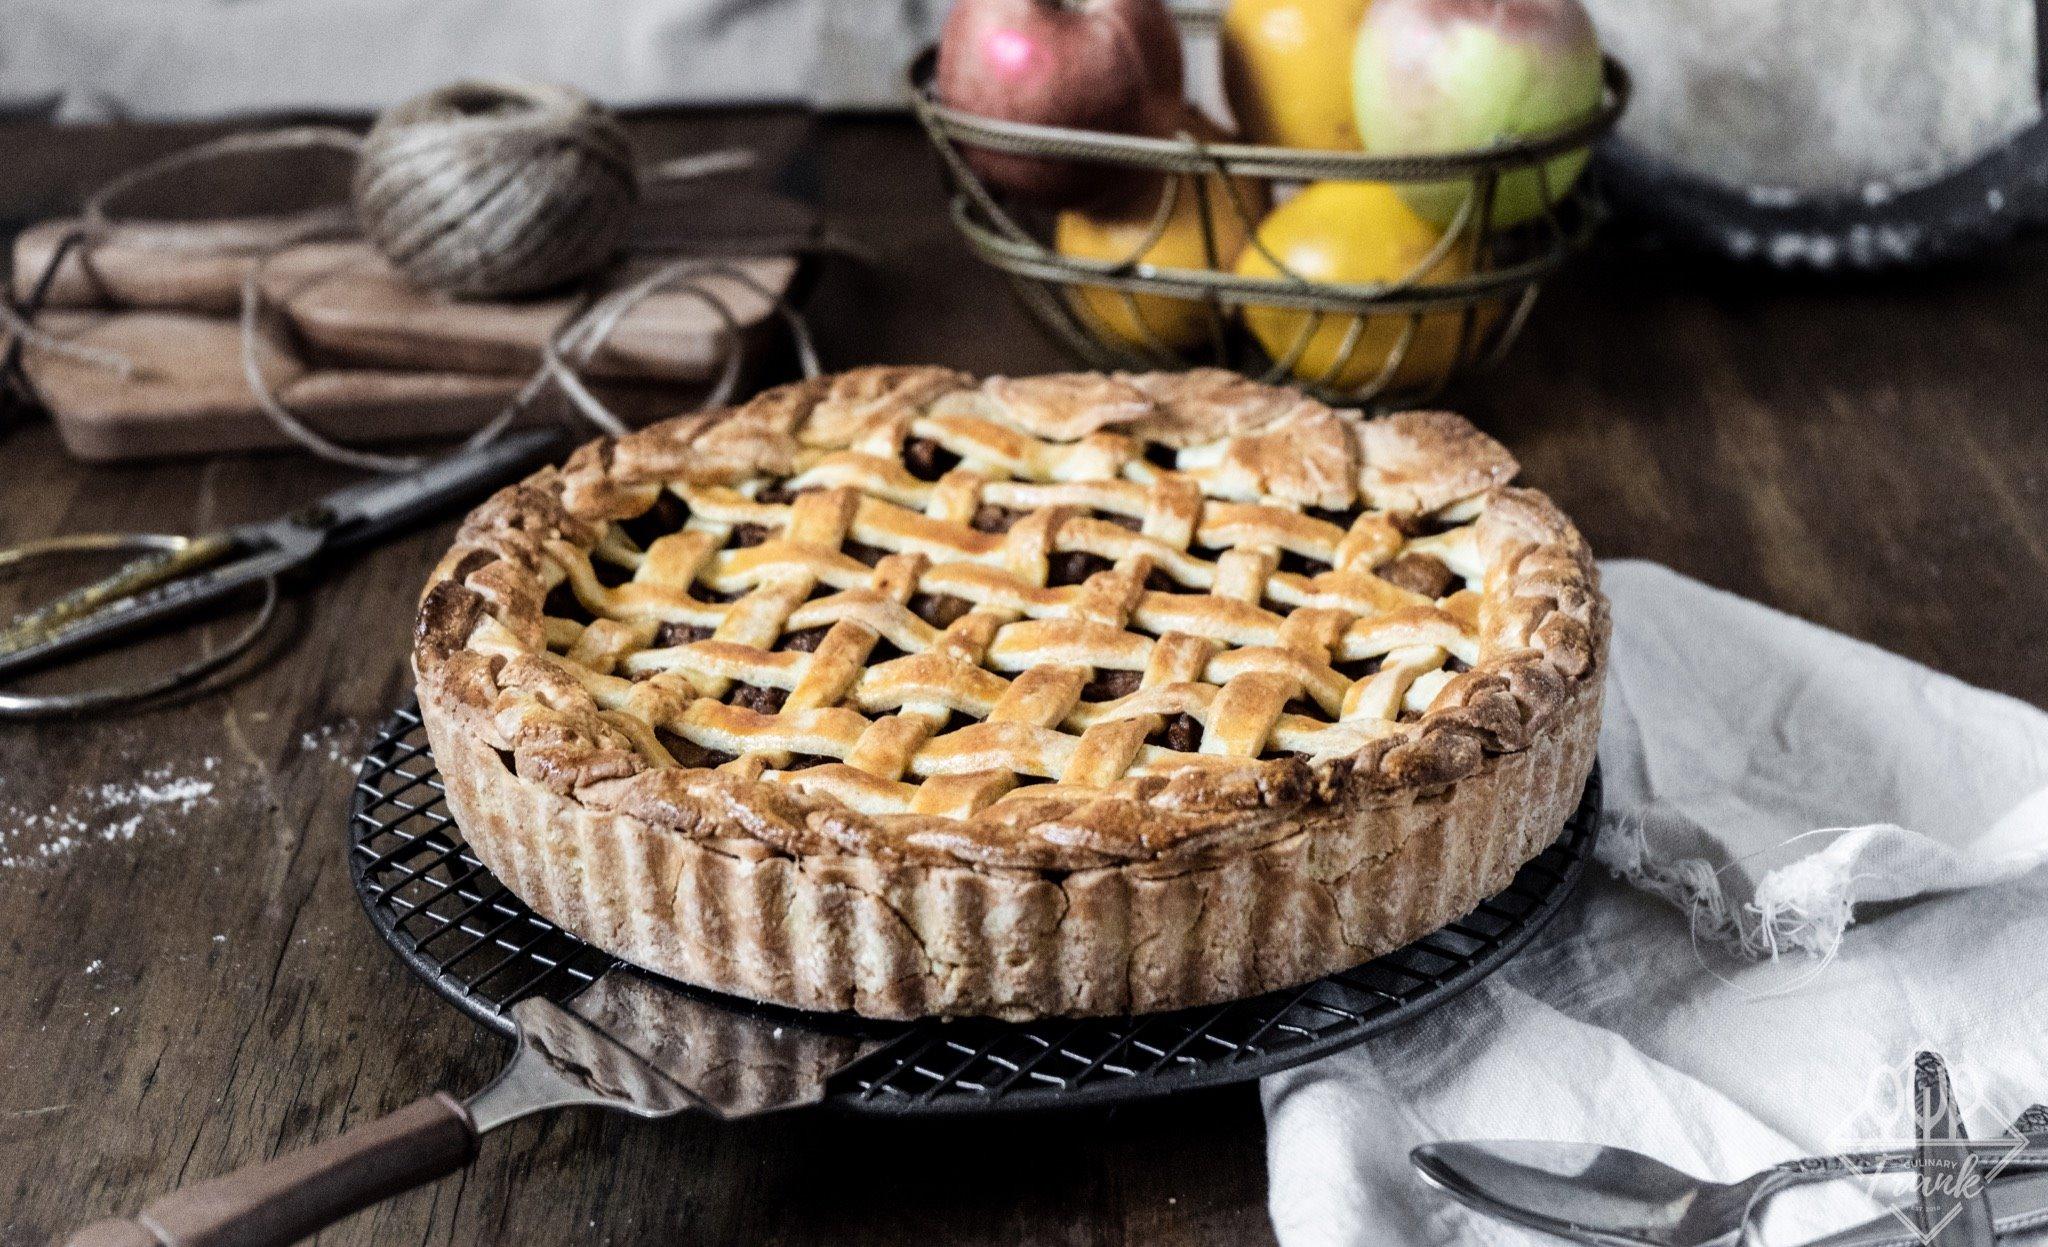 cách làm bánh táo 3 cách làm bánh táo Cách làm bánh táo ngon đắm say, đẹp ngất ngây cach lam banh tao 3